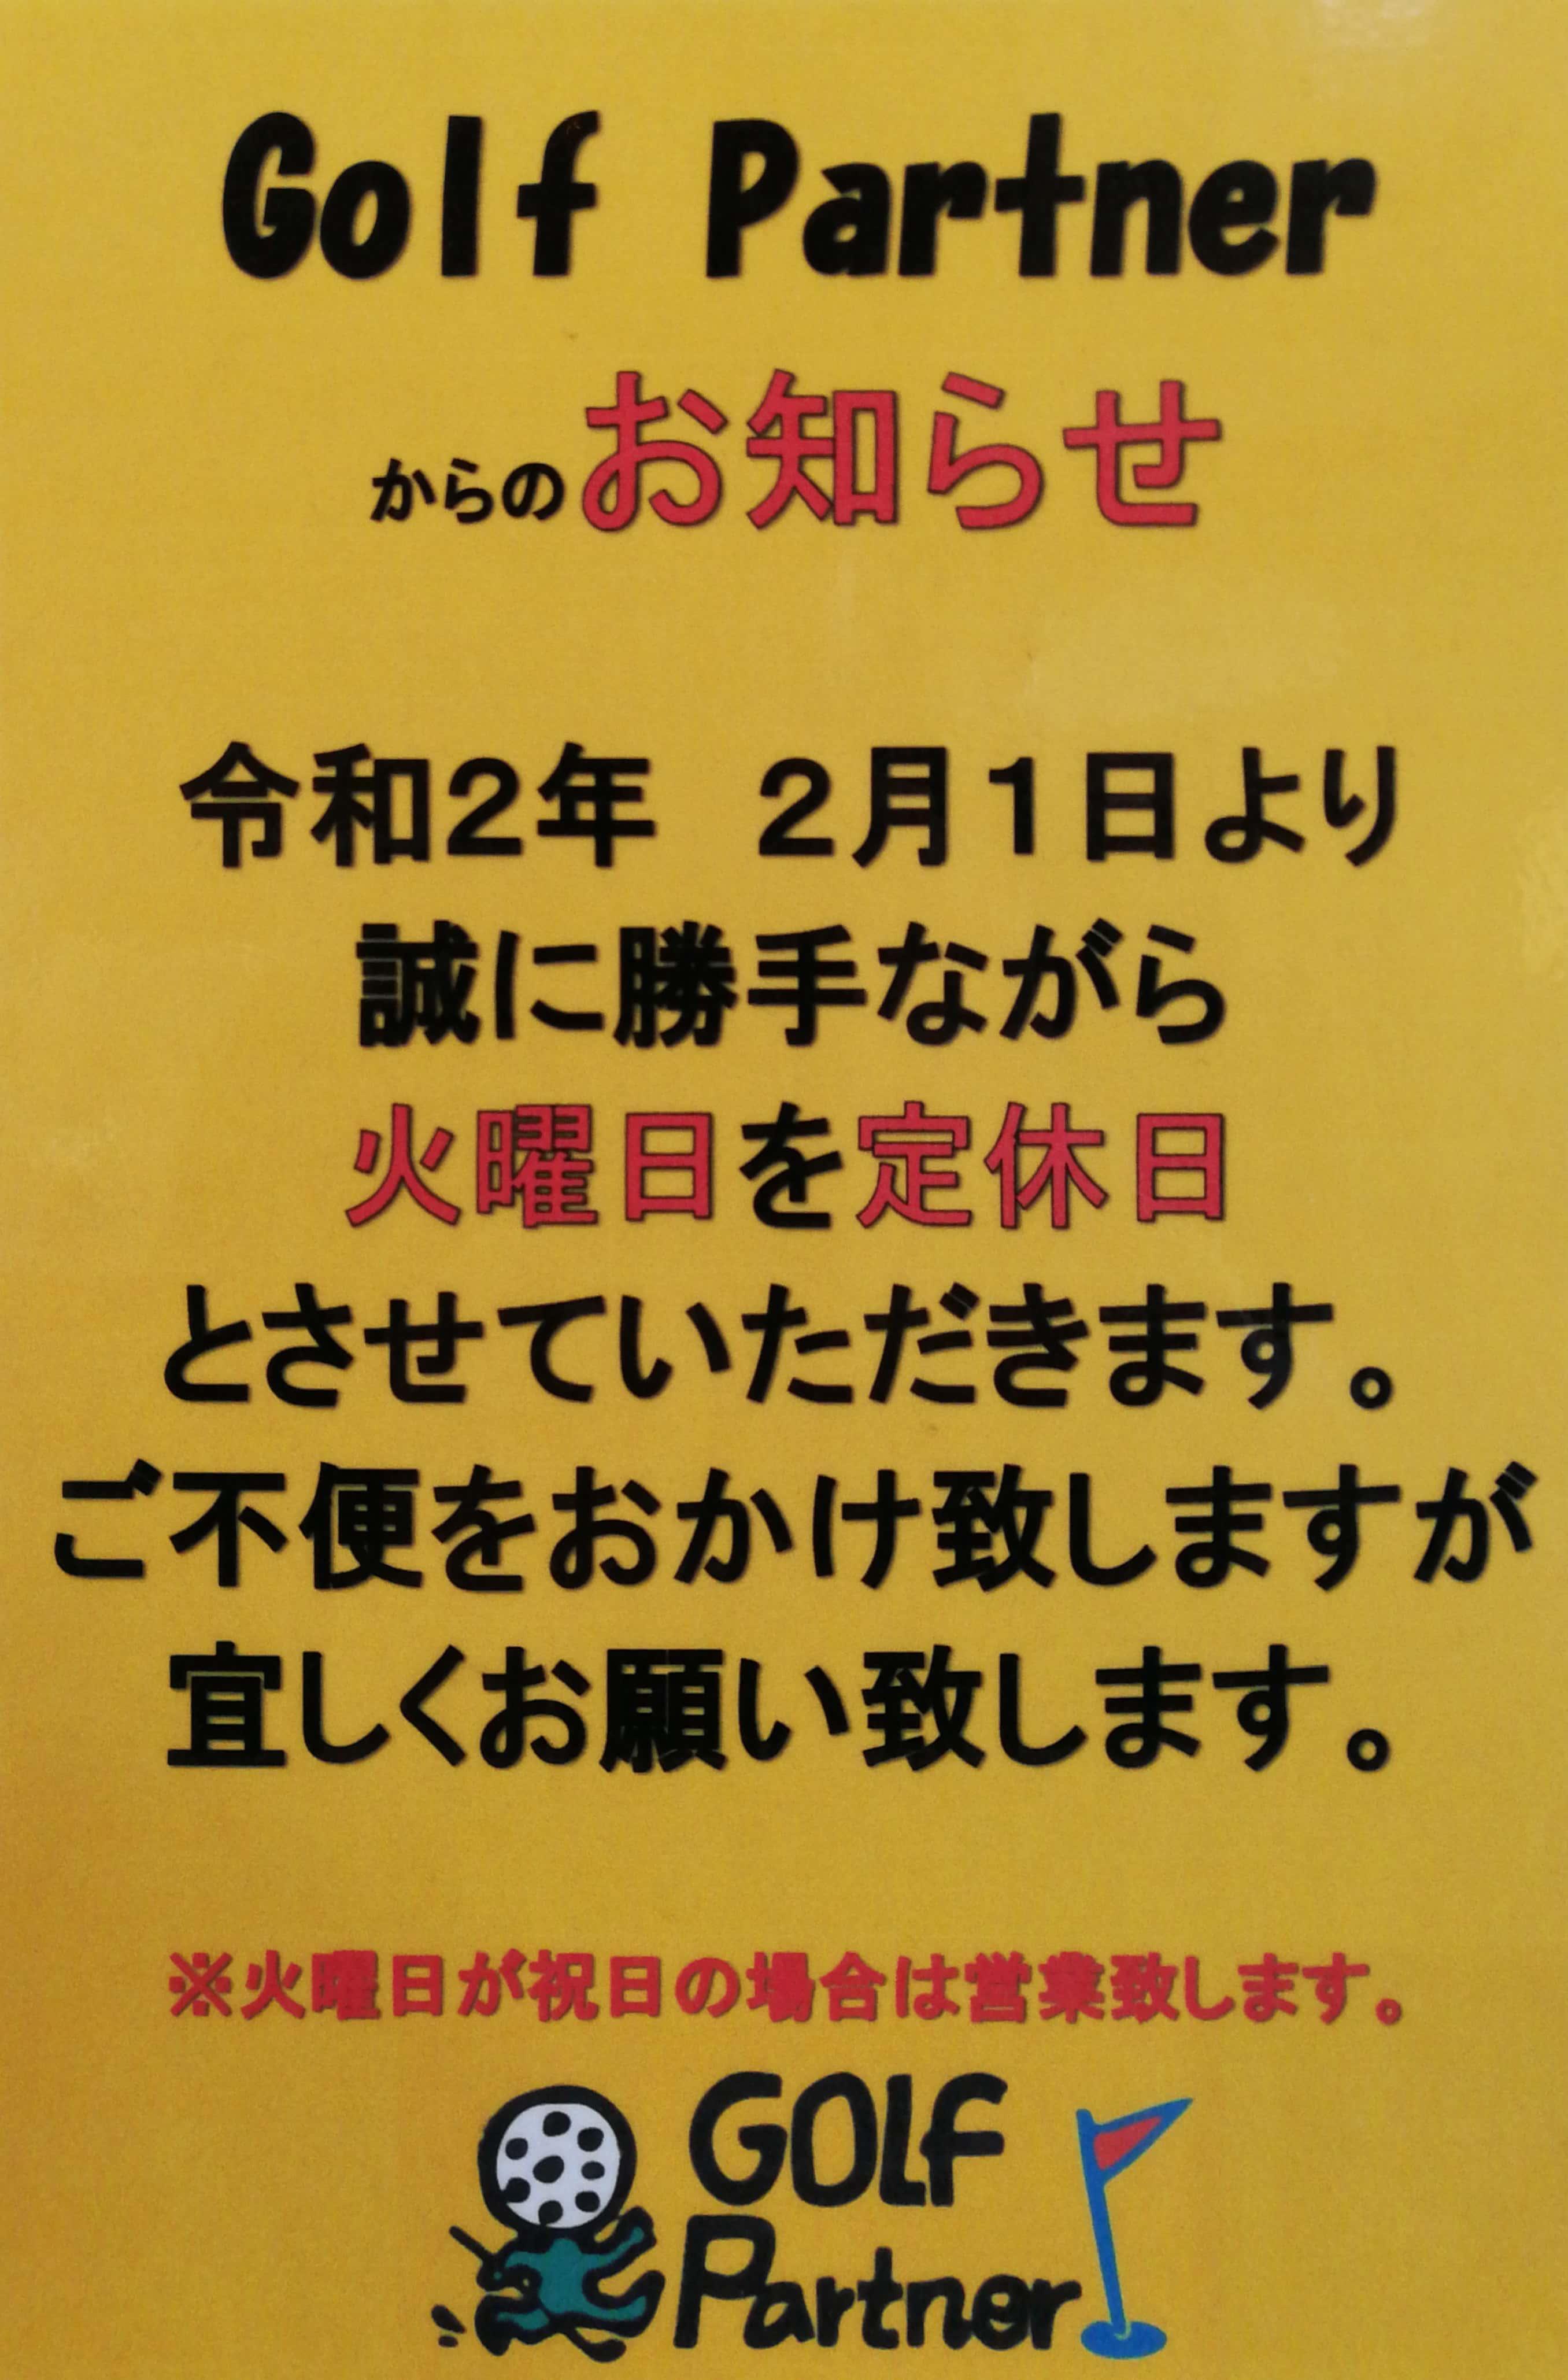 Golf Partner から 火曜日 定休日 のお知らせ